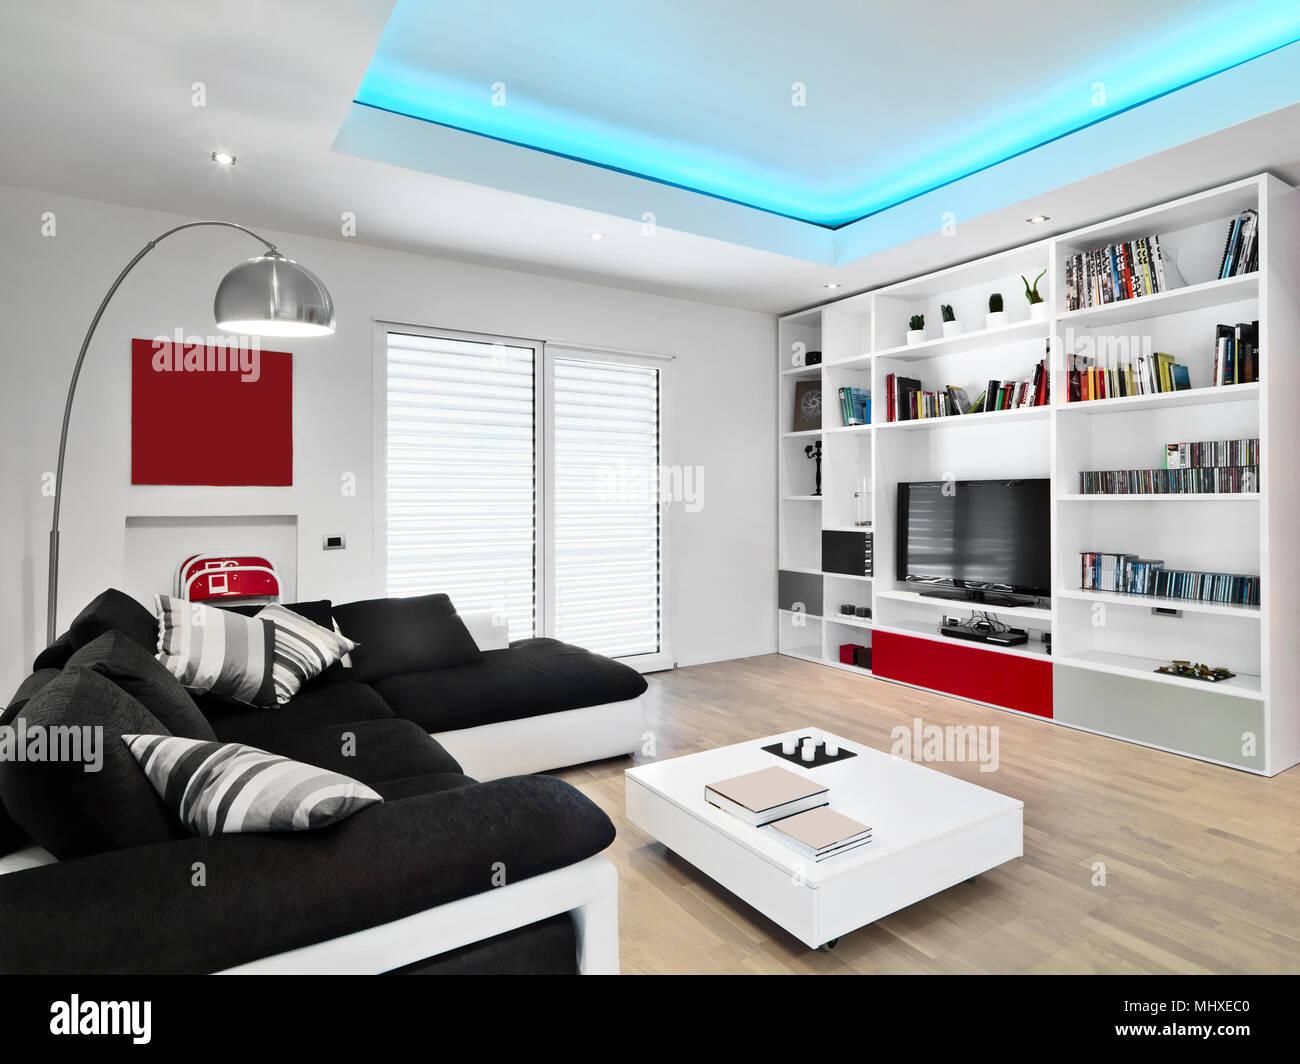 Divano Nero Moderno : Scatti di interni di un soggiorno moderno con tessuto nero divano